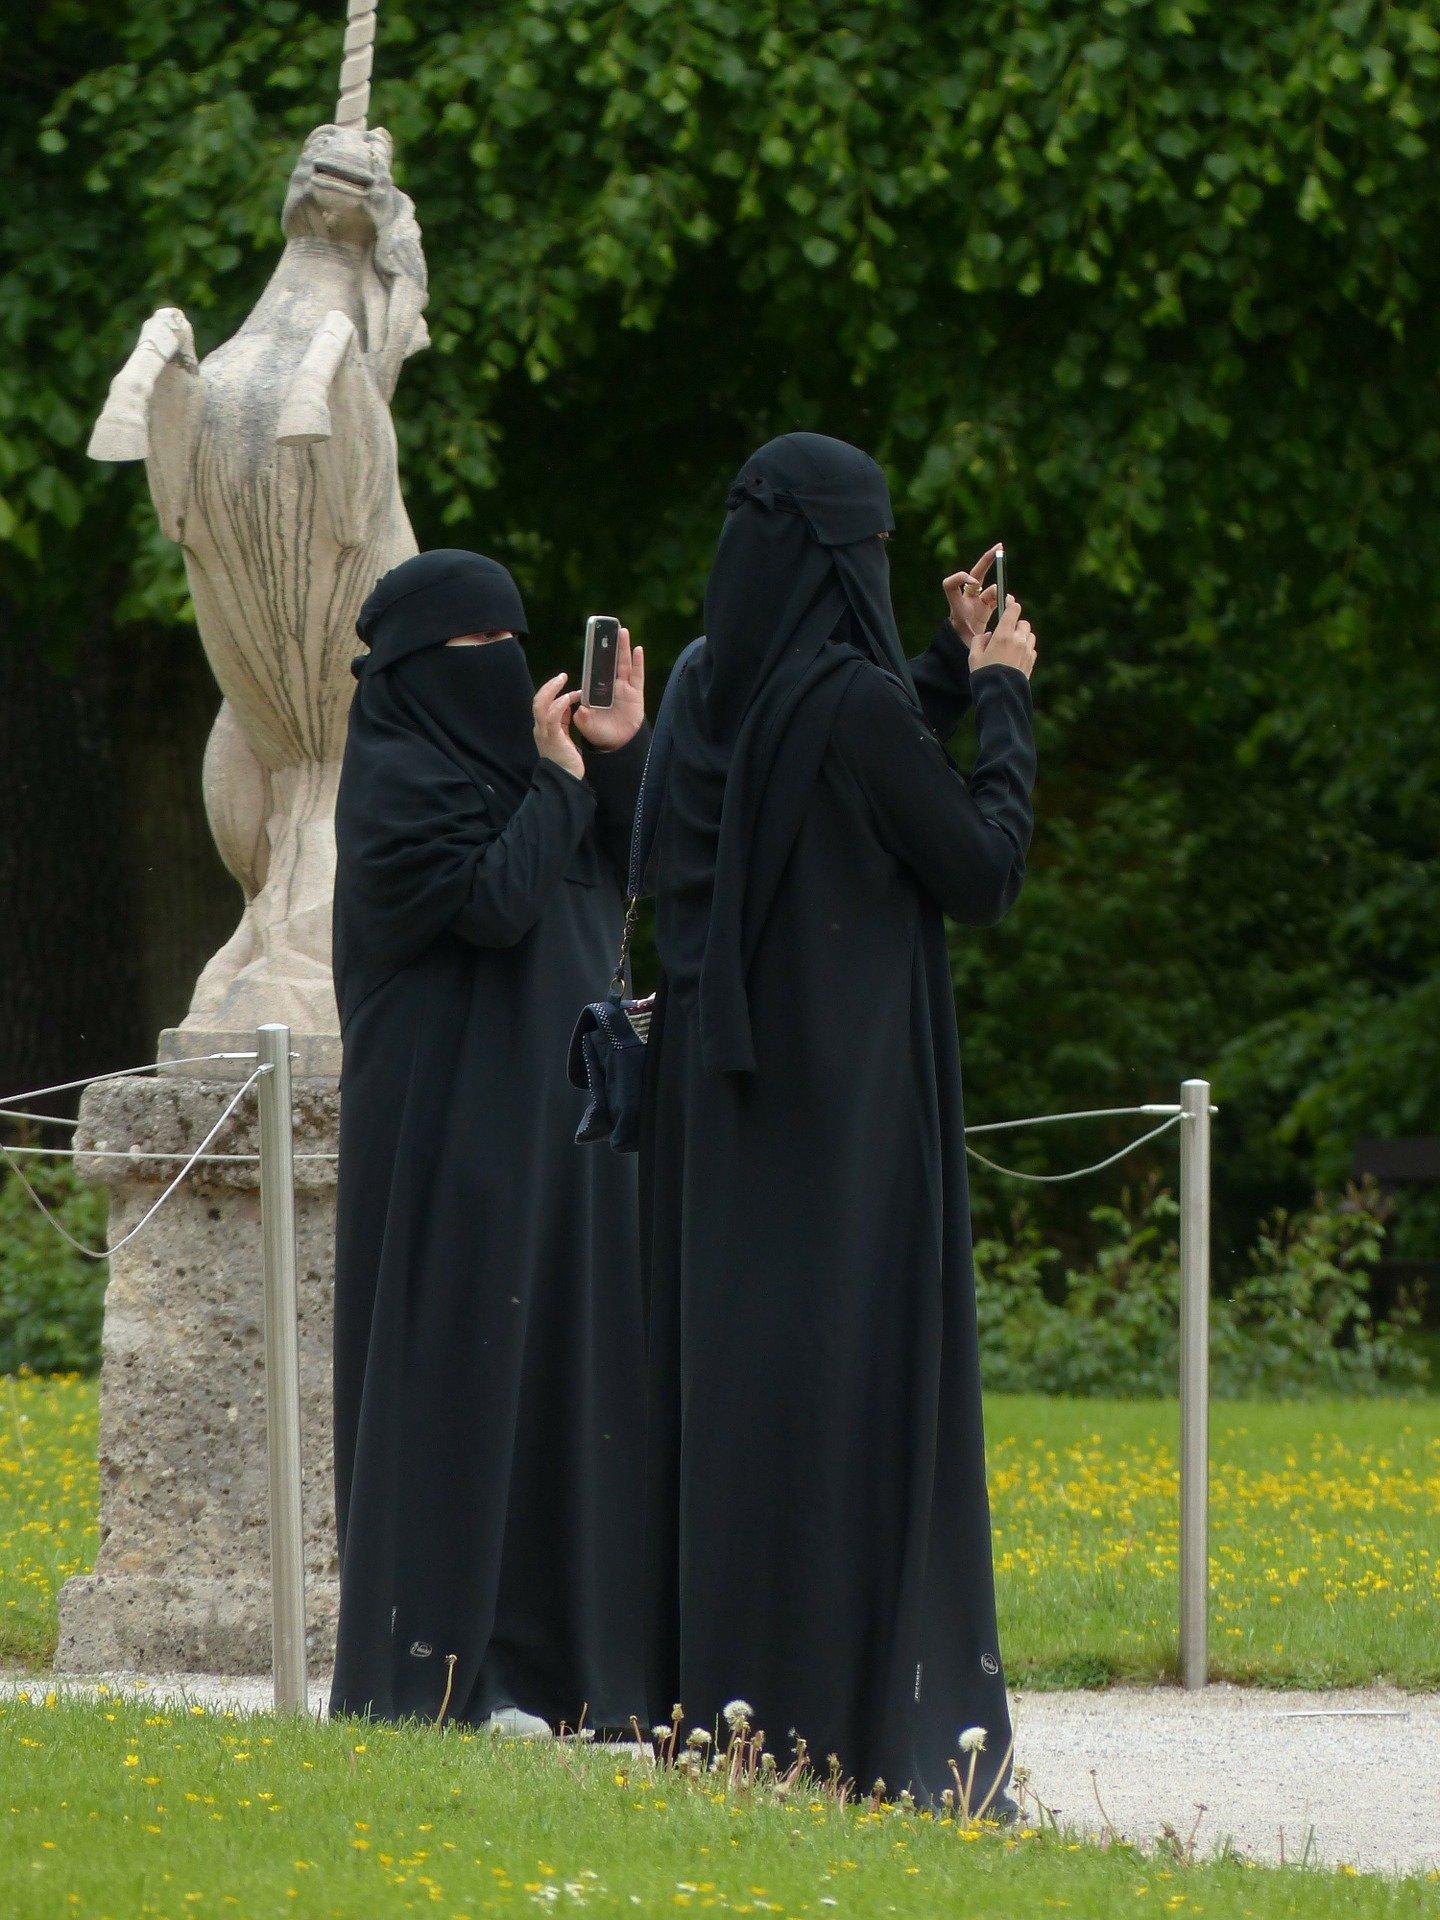 Nizozemští muslimové mají obavy. Wilders volby vyhrál už teď, varuje muslimský publicista - anotační obrázek